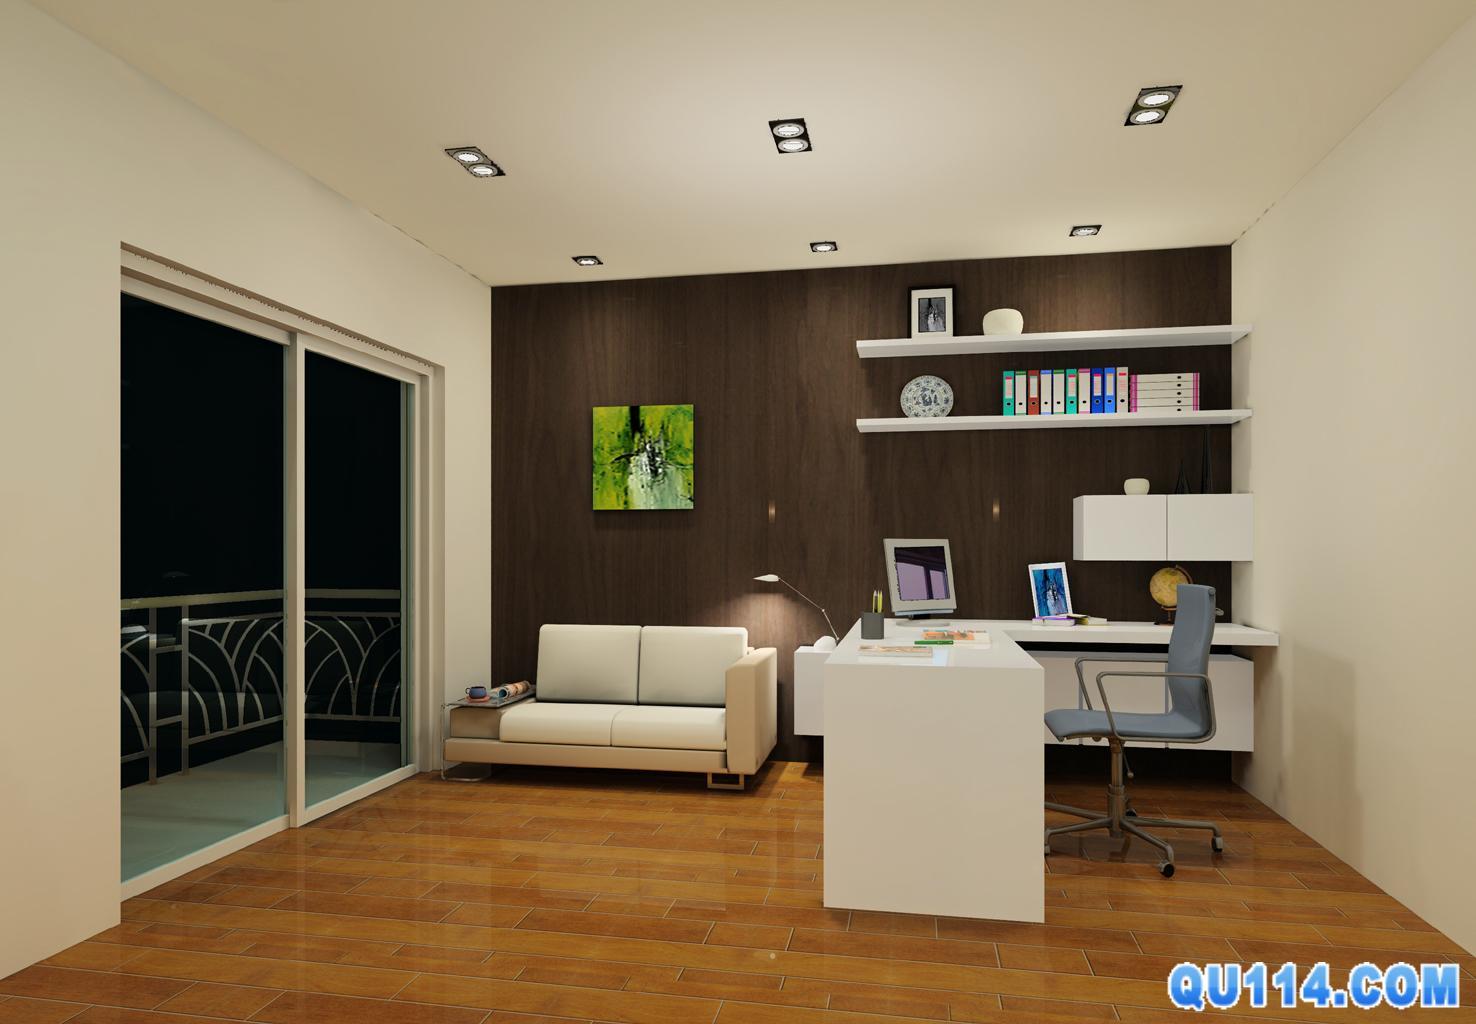 55平米办公室装修 - 深圳房地产信息网论坛